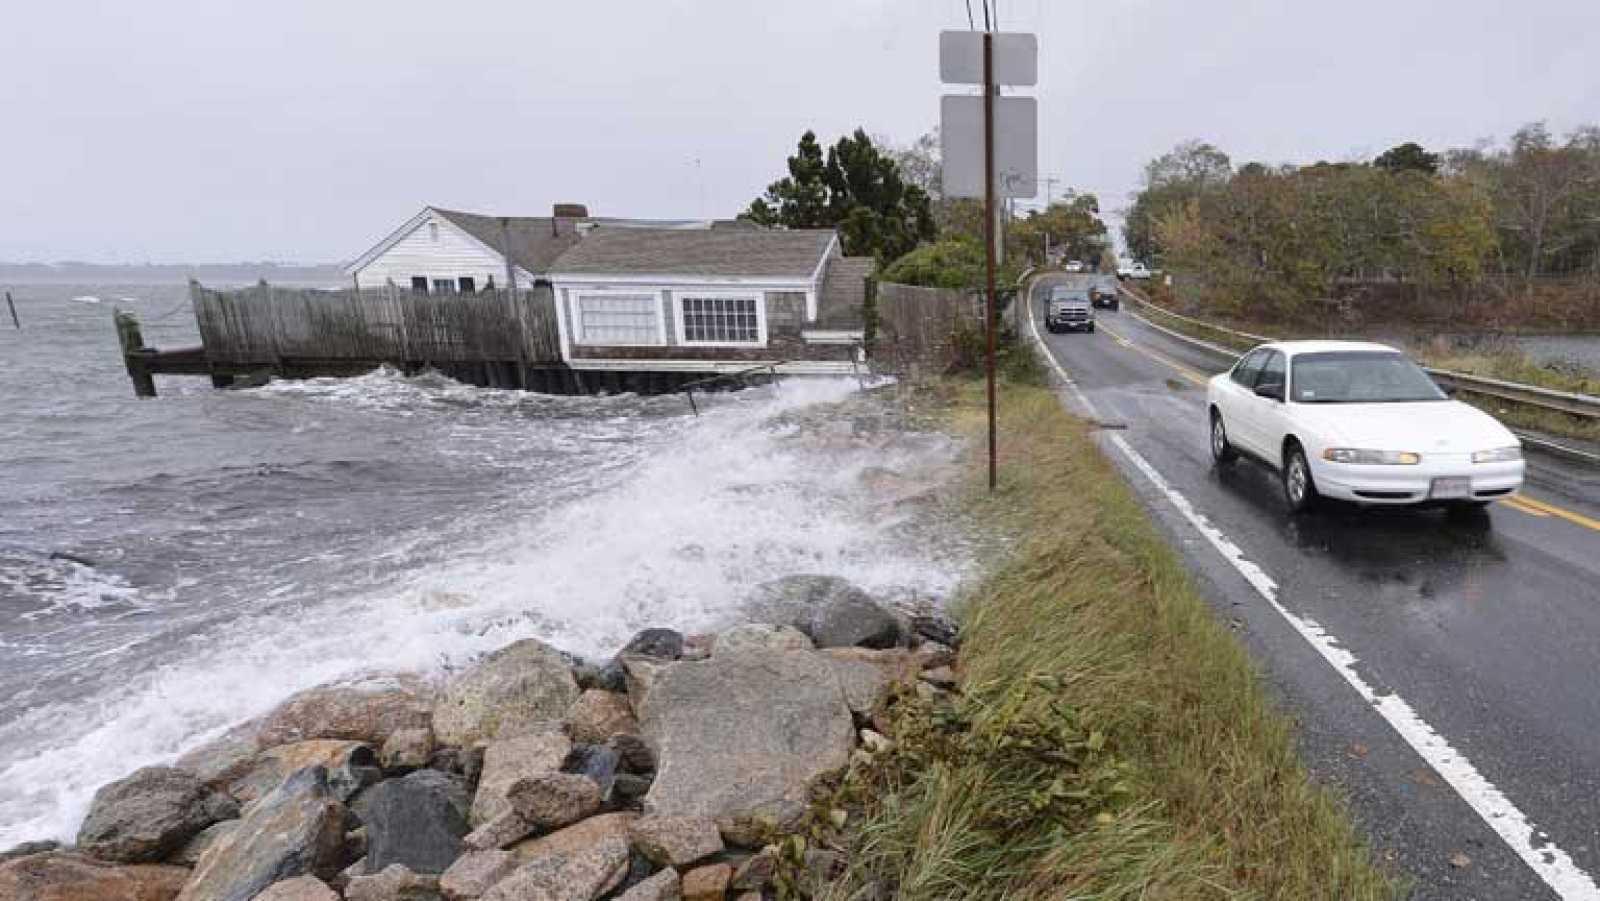 La tormenta Sandy ha dejado su rastro en varias ciudades de la costa este